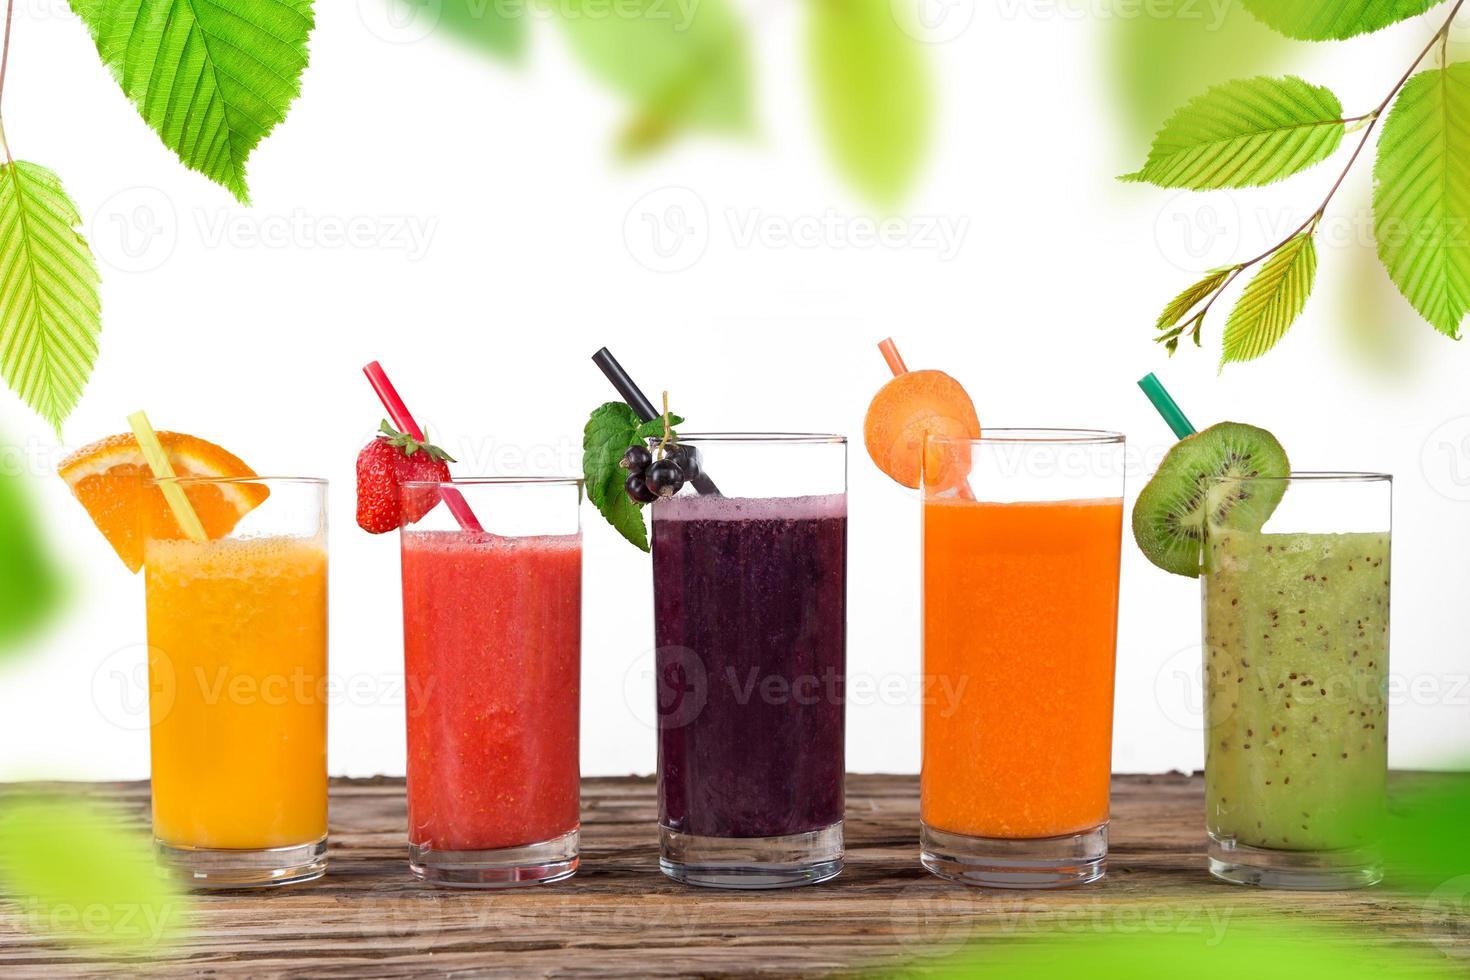 frischer Fruchtsaft, gesunde Getränke. foto